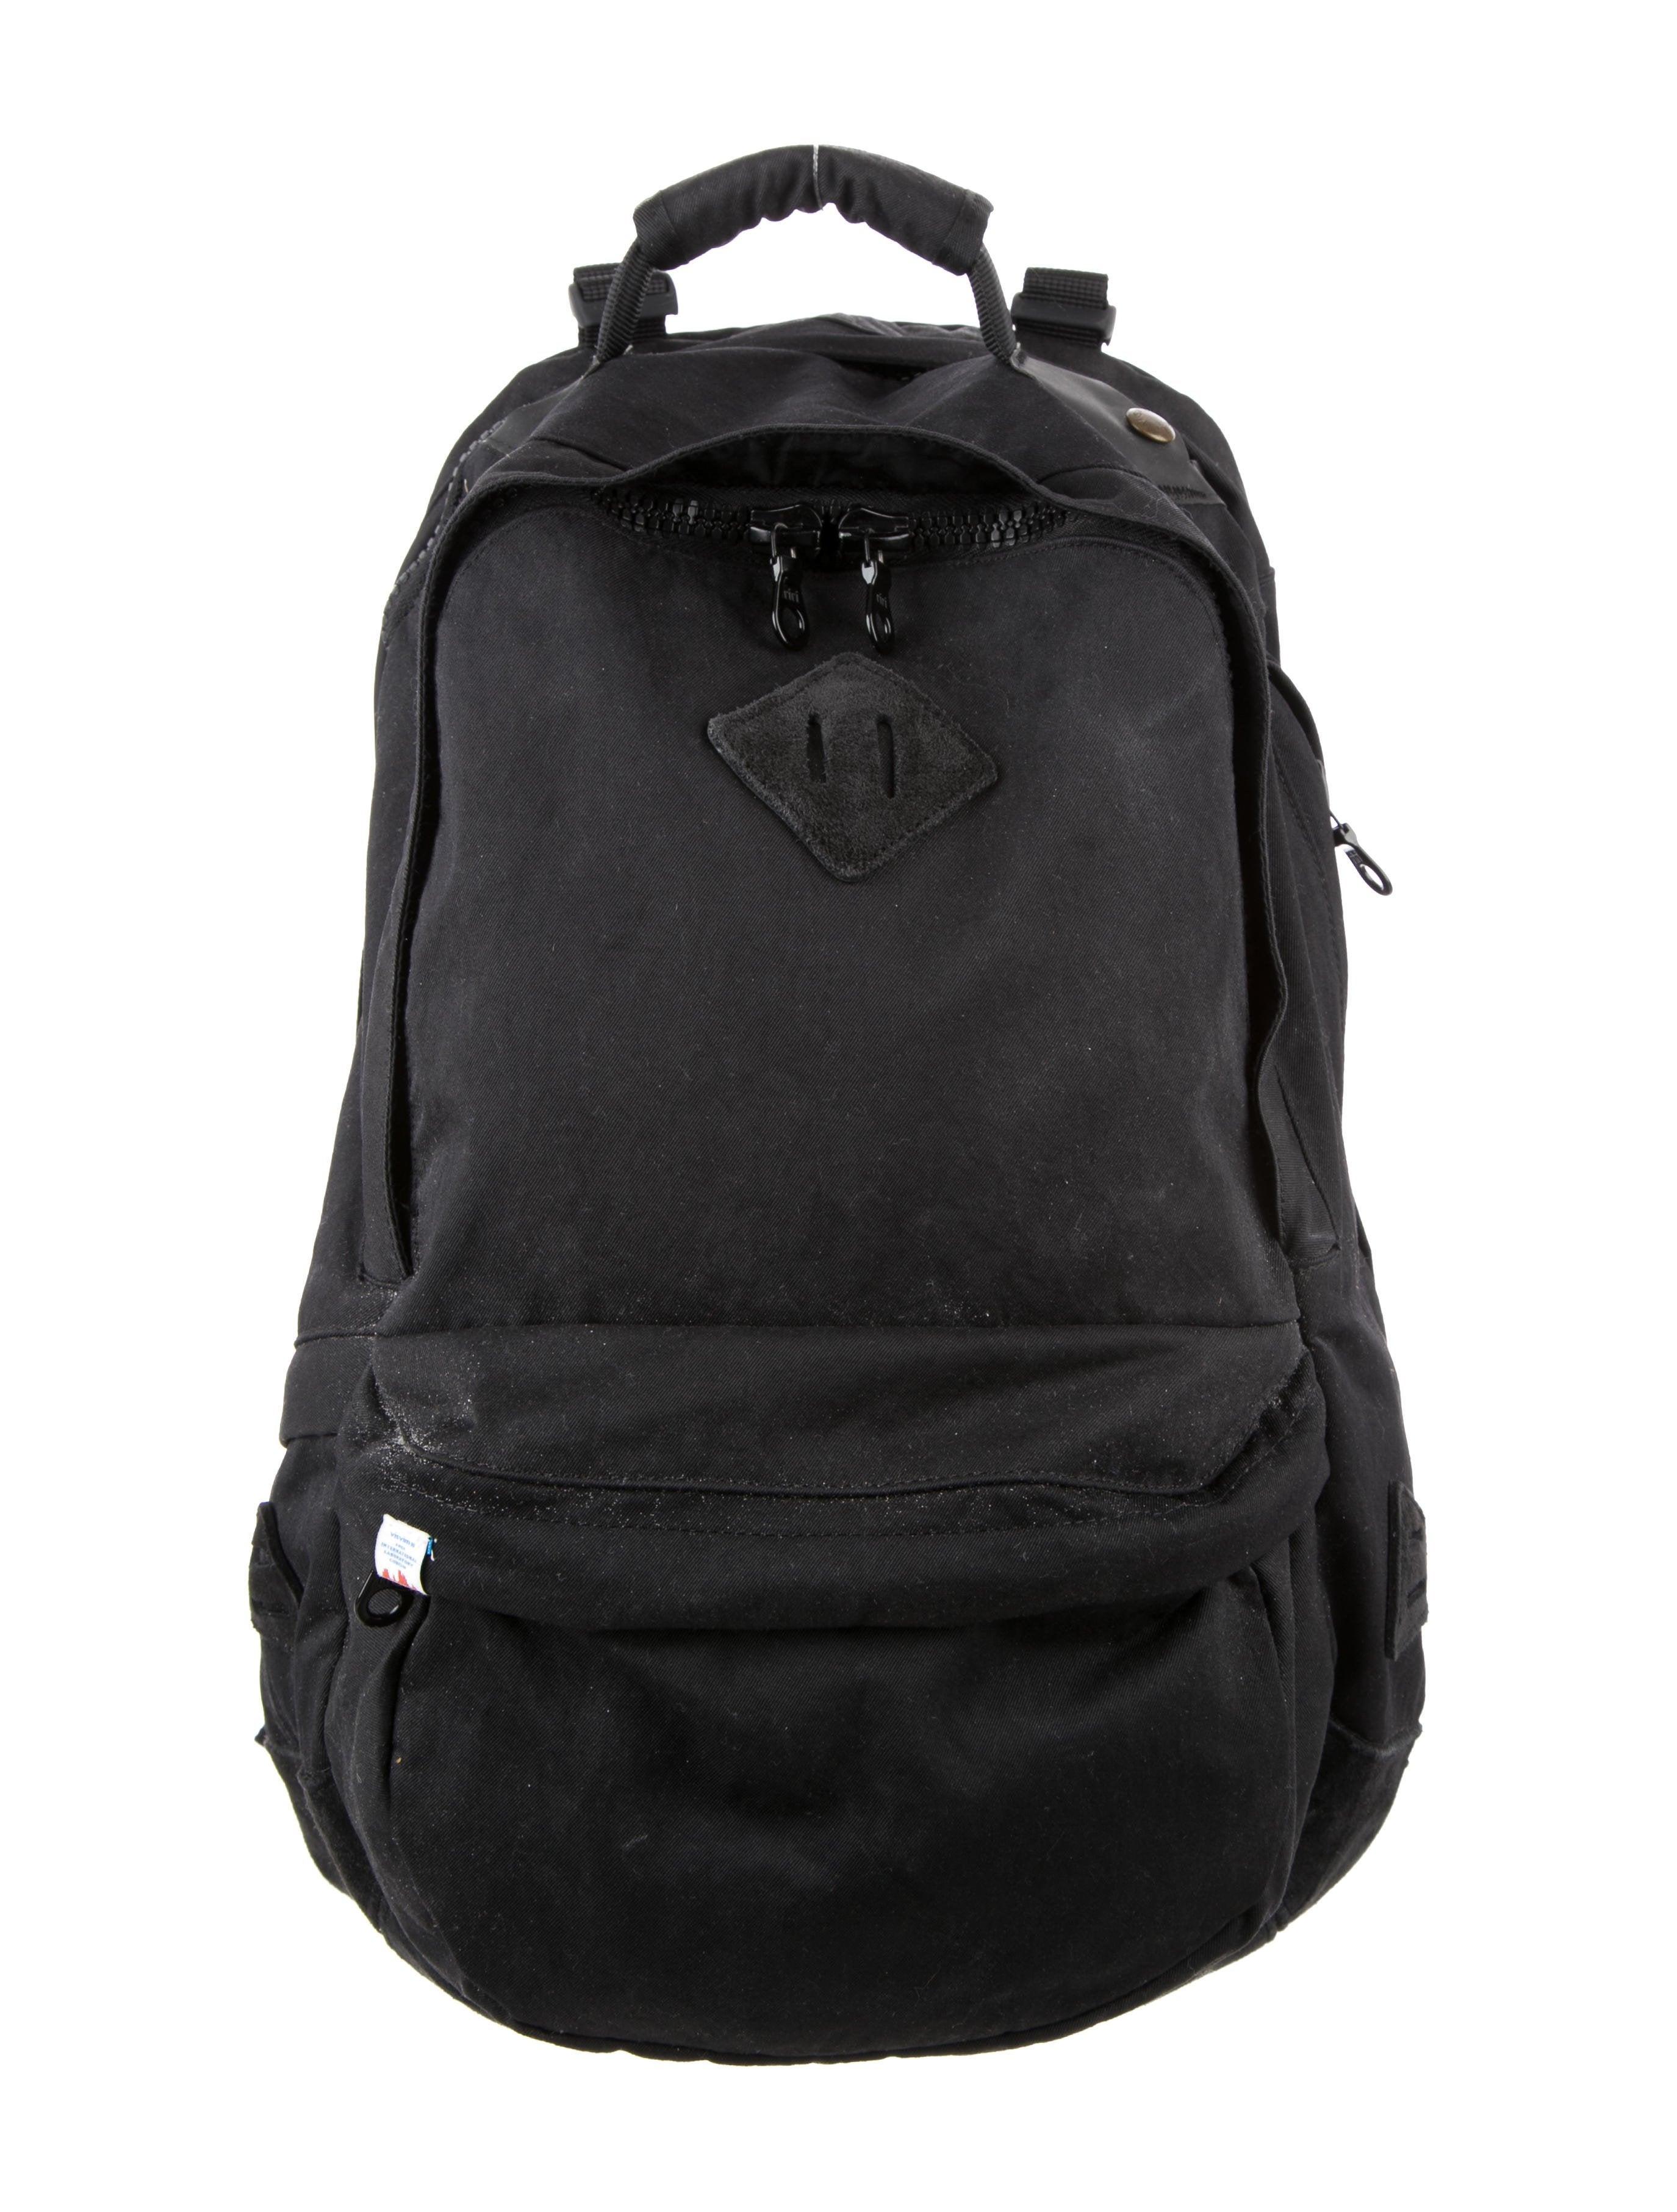 6ef7b7cd85d9 Visvim Suede-Trimmed Canvas Backpack - Bags - VSM20247